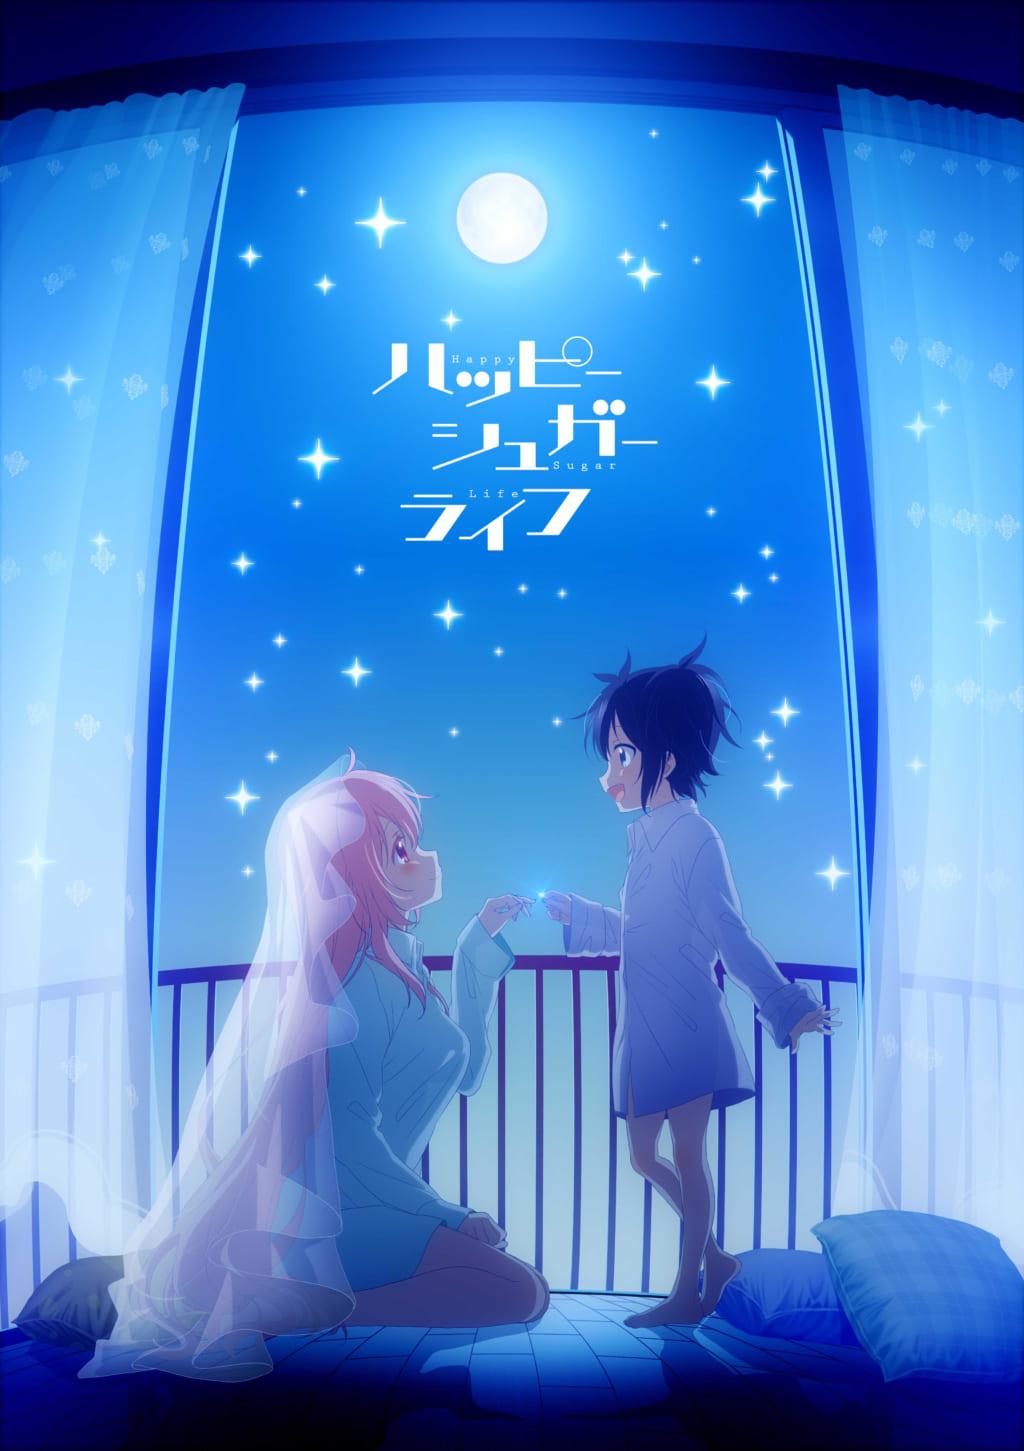 TVアニメ「ハッピーシュガーライフ」Blu-ray早期予約キャンペーン開催!